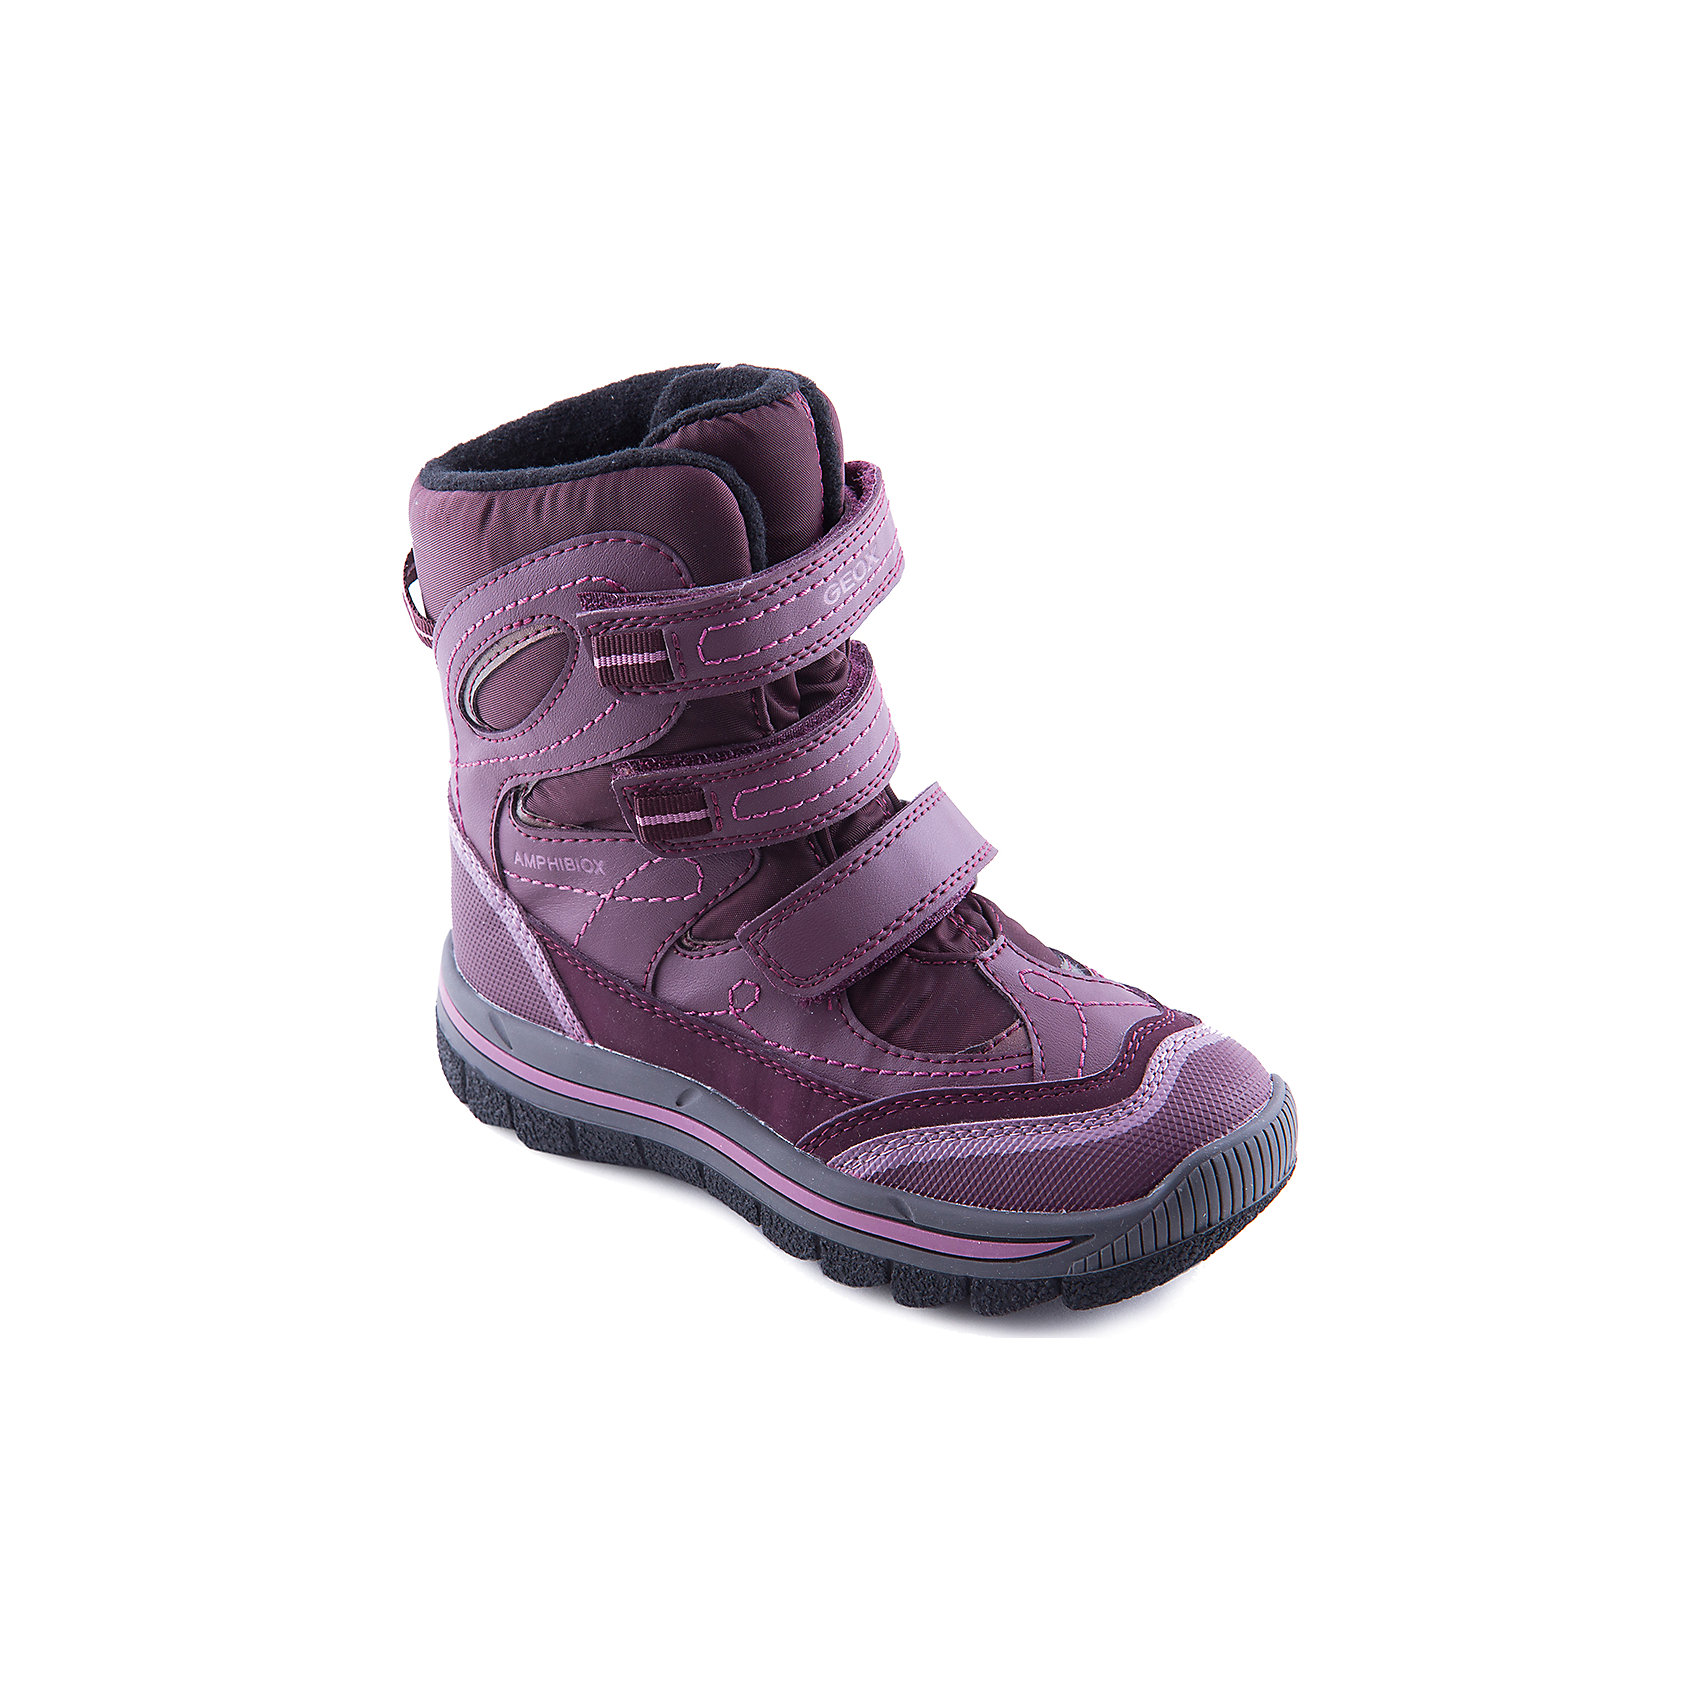 Сапоги для девочки GEOXСапоги для девочки от популярной марки GEOX.<br>Теплые черные сапоги с яркими вставками сделаны по уникальной технологии. Производитель обуви GEOX разработал специальную дышащую подошву, которая не пропускает влагу внутрь, а также высокотехнологичную стельку. При производстве этих полусапожек была задействована технология Amphibiox, делающая обувь непромокаемой. <br>Отличительные особенности модели:<br>- гибкая водоотталкивающая подошва с дышащей мембраной;<br>- утепленная стелька;<br>- мягкий и легкий верх;<br>- защита пятки и пальцев;<br>- эргономичная форма;<br>- удобная застежка-липучка;<br>- комфортное облегание;<br>- ударопрочная антибактериальная стелька;<br>- защита от промокания - технология Amphibiox;<br>- верх обуви и подкладка сделаны без использования хрома.<br>Дополнительная информация:<br>- Температурный режим: от - 20° С  до + 5° С.<br>- Состав:<br>материал верха: синтетический материал, текстиль<br>материал подкладки: текстиль<br>подошва: полимер.<br>Сапоги для девочки GEOX (Геокс) можно купить в нашем магазине.<br><br>Ширина мм: 257<br>Глубина мм: 180<br>Высота мм: 130<br>Вес г: 420<br>Цвет: черный<br>Возраст от месяцев: 72<br>Возраст до месяцев: 84<br>Пол: Женский<br>Возраст: Детский<br>Размер: 36,32,35,30,28,29,31,33,34<br>SKU: 4178549